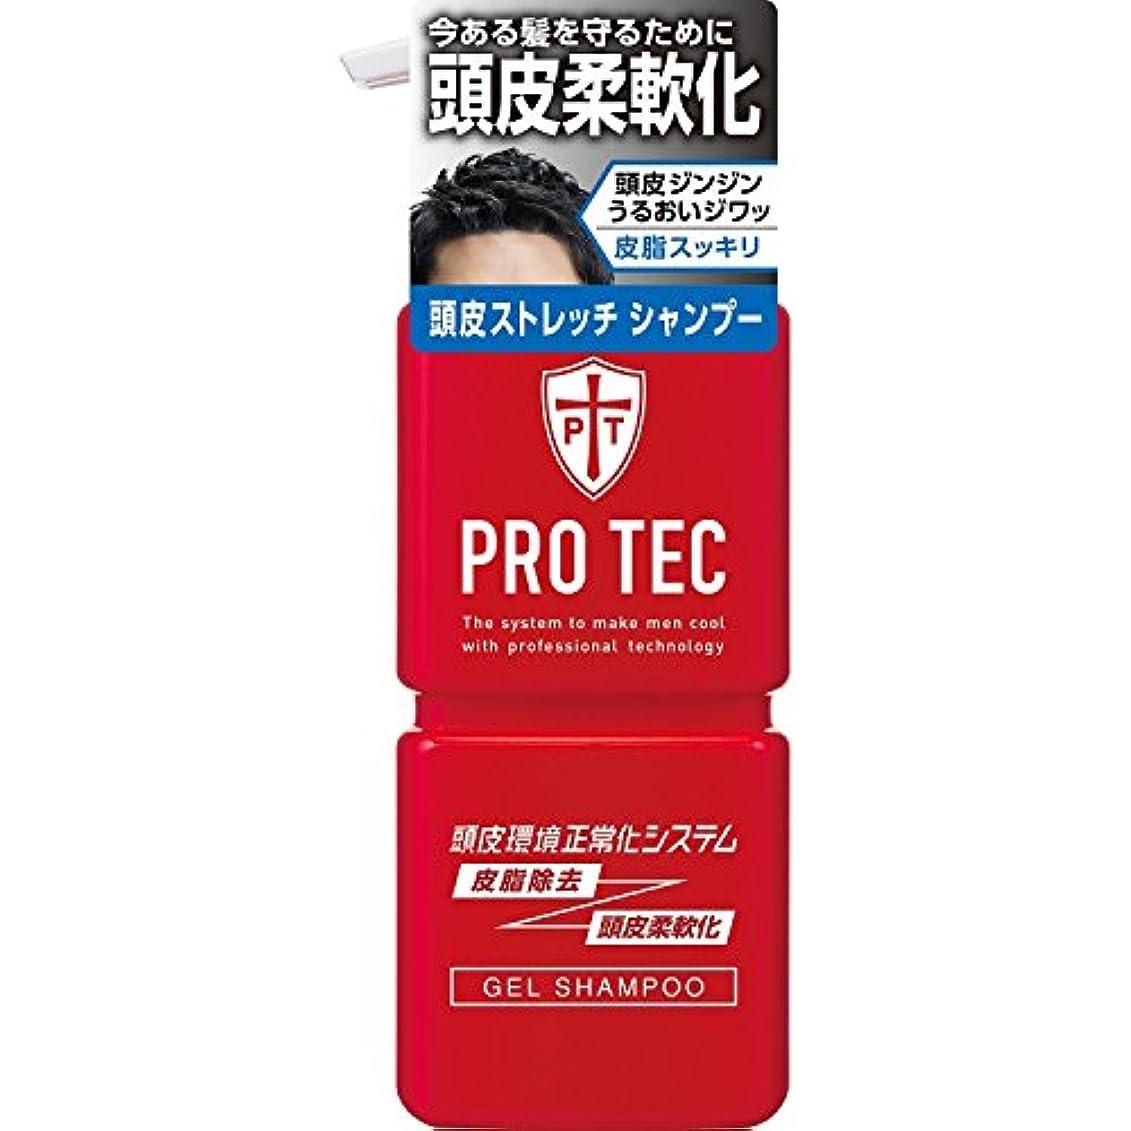 書く刻むダブルPRO TEC(プロテク) 頭皮ストレッチ シャンプー 本体ポンプ 300g(医薬部外品)